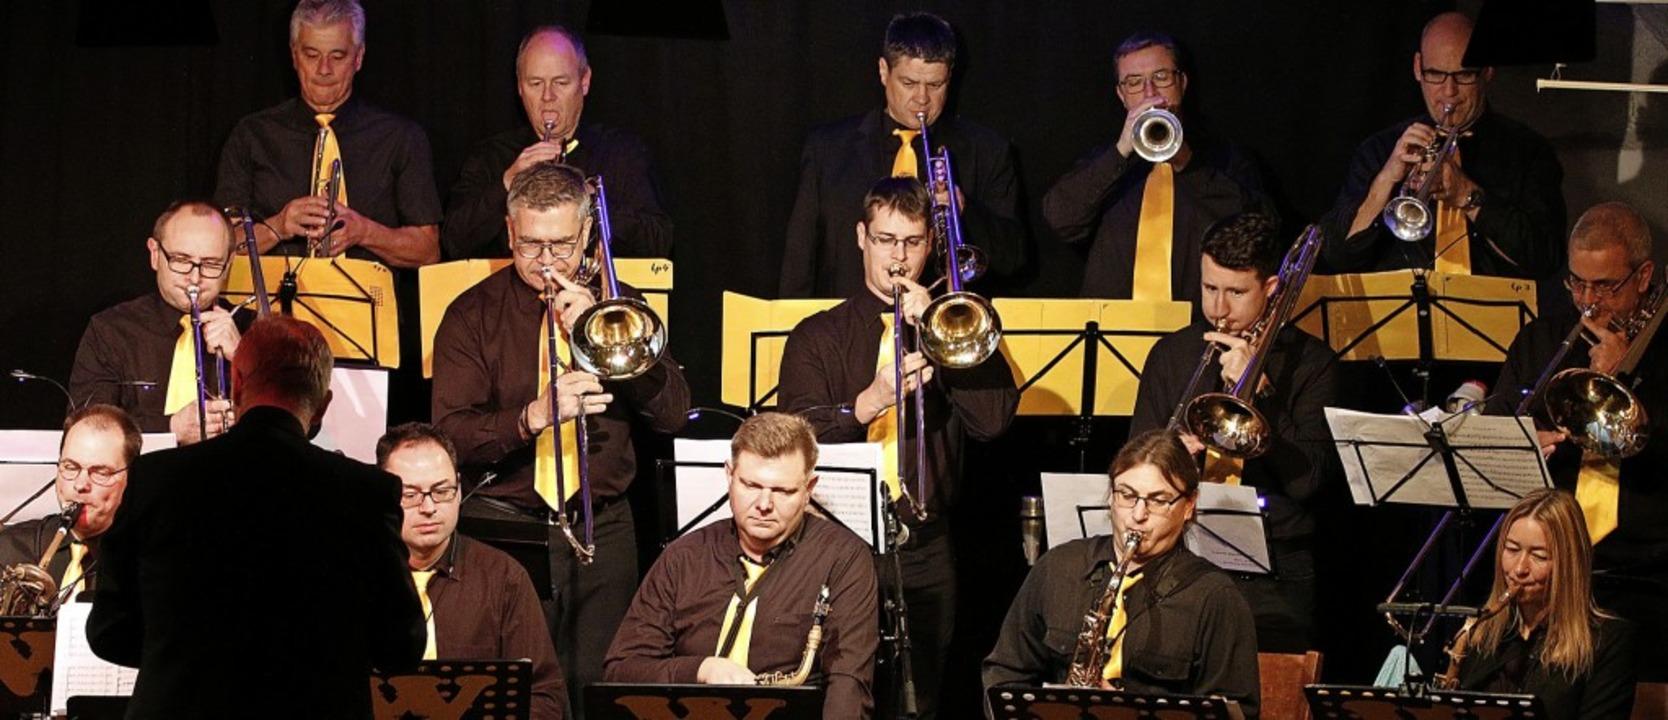 Die Big Band W in Schwarz und Gelb   | Foto: Heidi Fößel